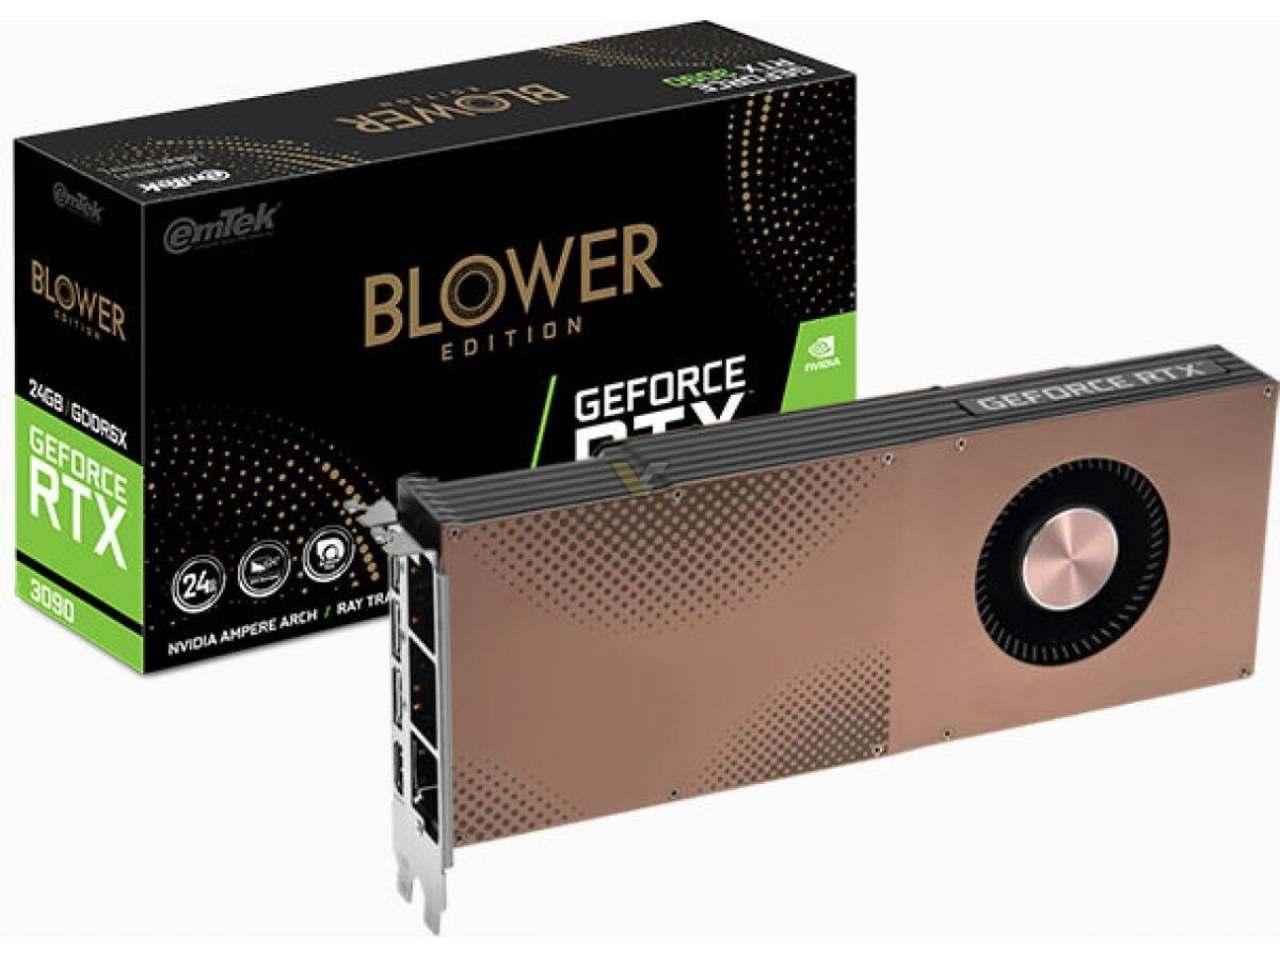 GeForce RTX 3090 blower